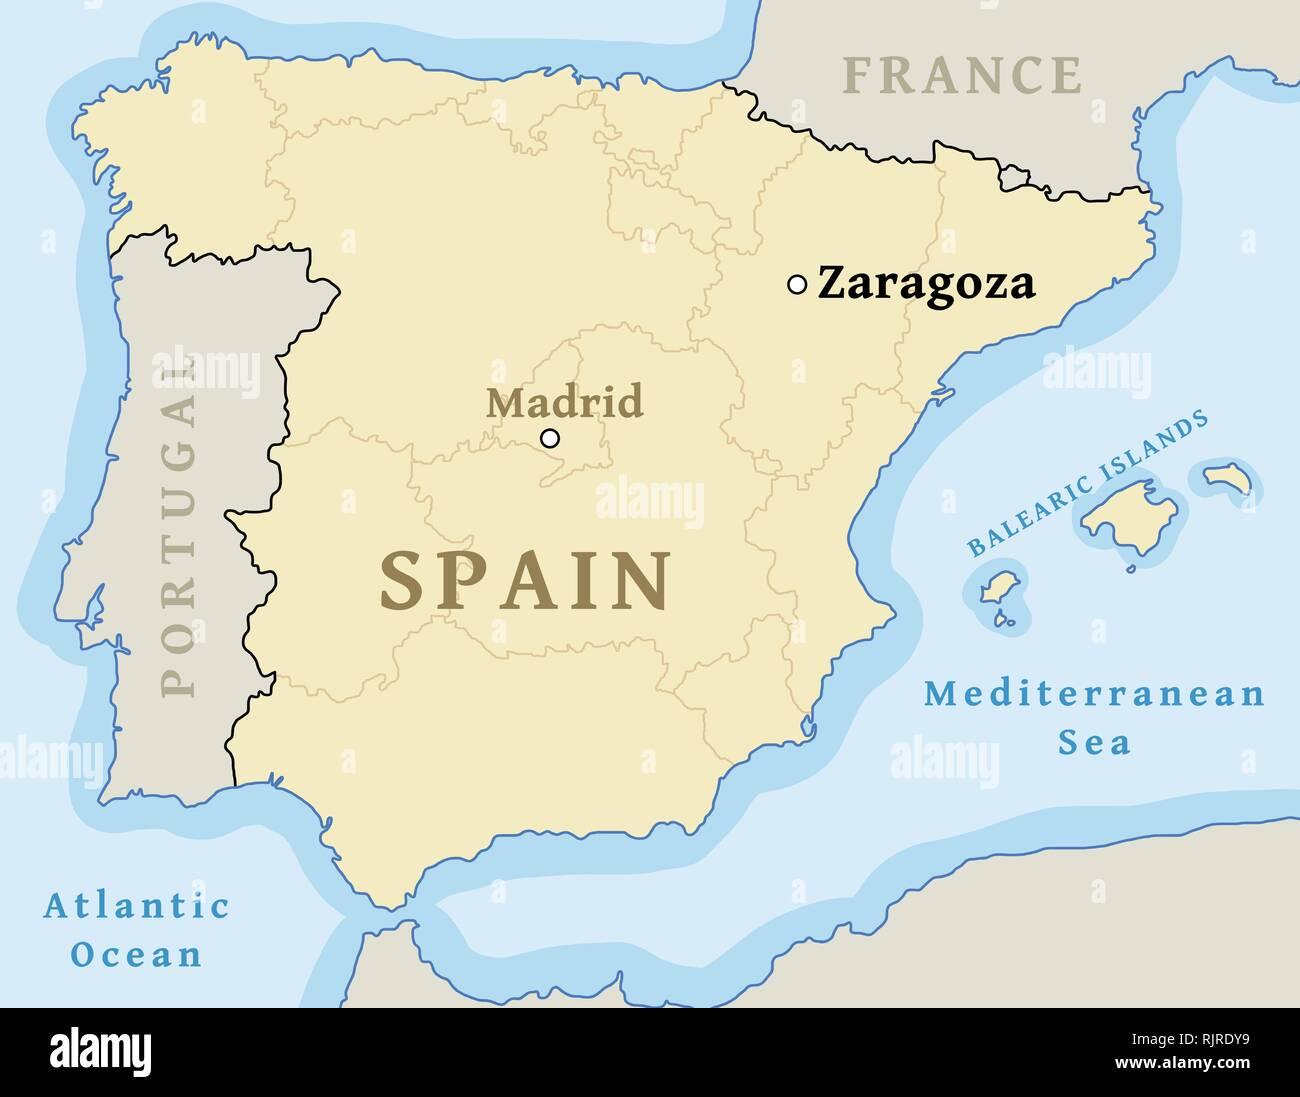 Zaragoza Mapa De Ubicacion Encontrar La Ciudad En El Mapa De